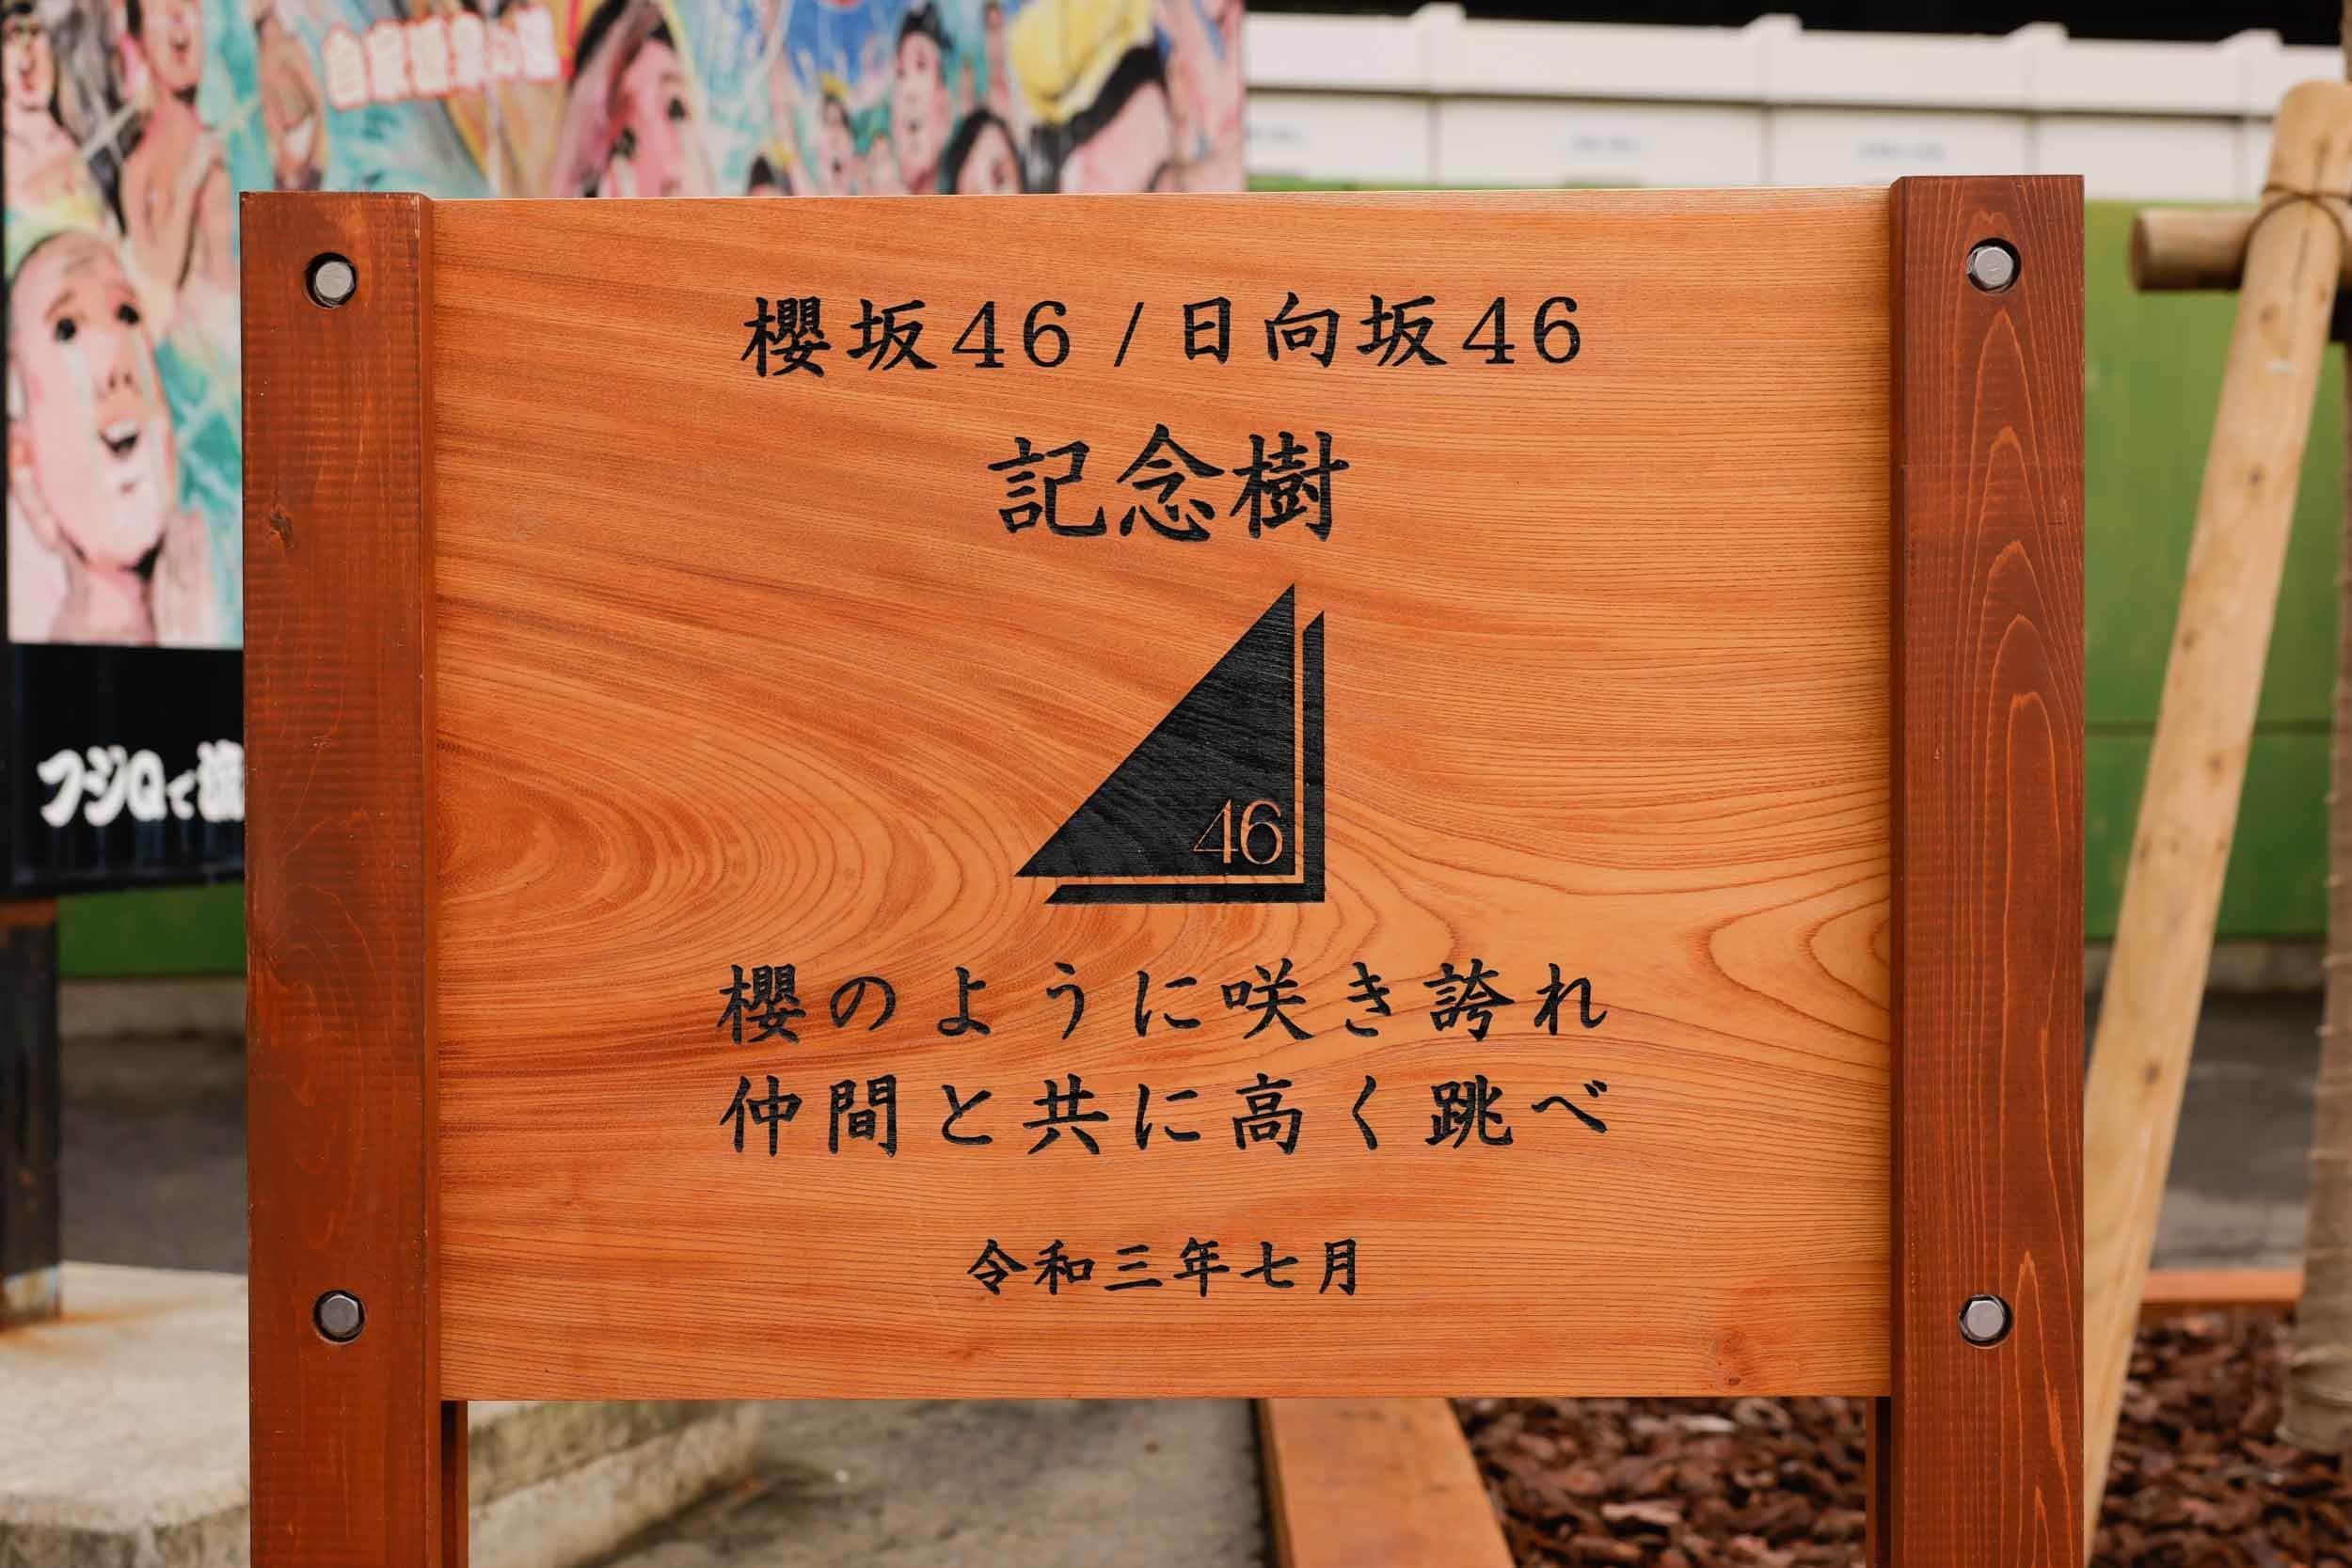 210707_YK_04215_kari1